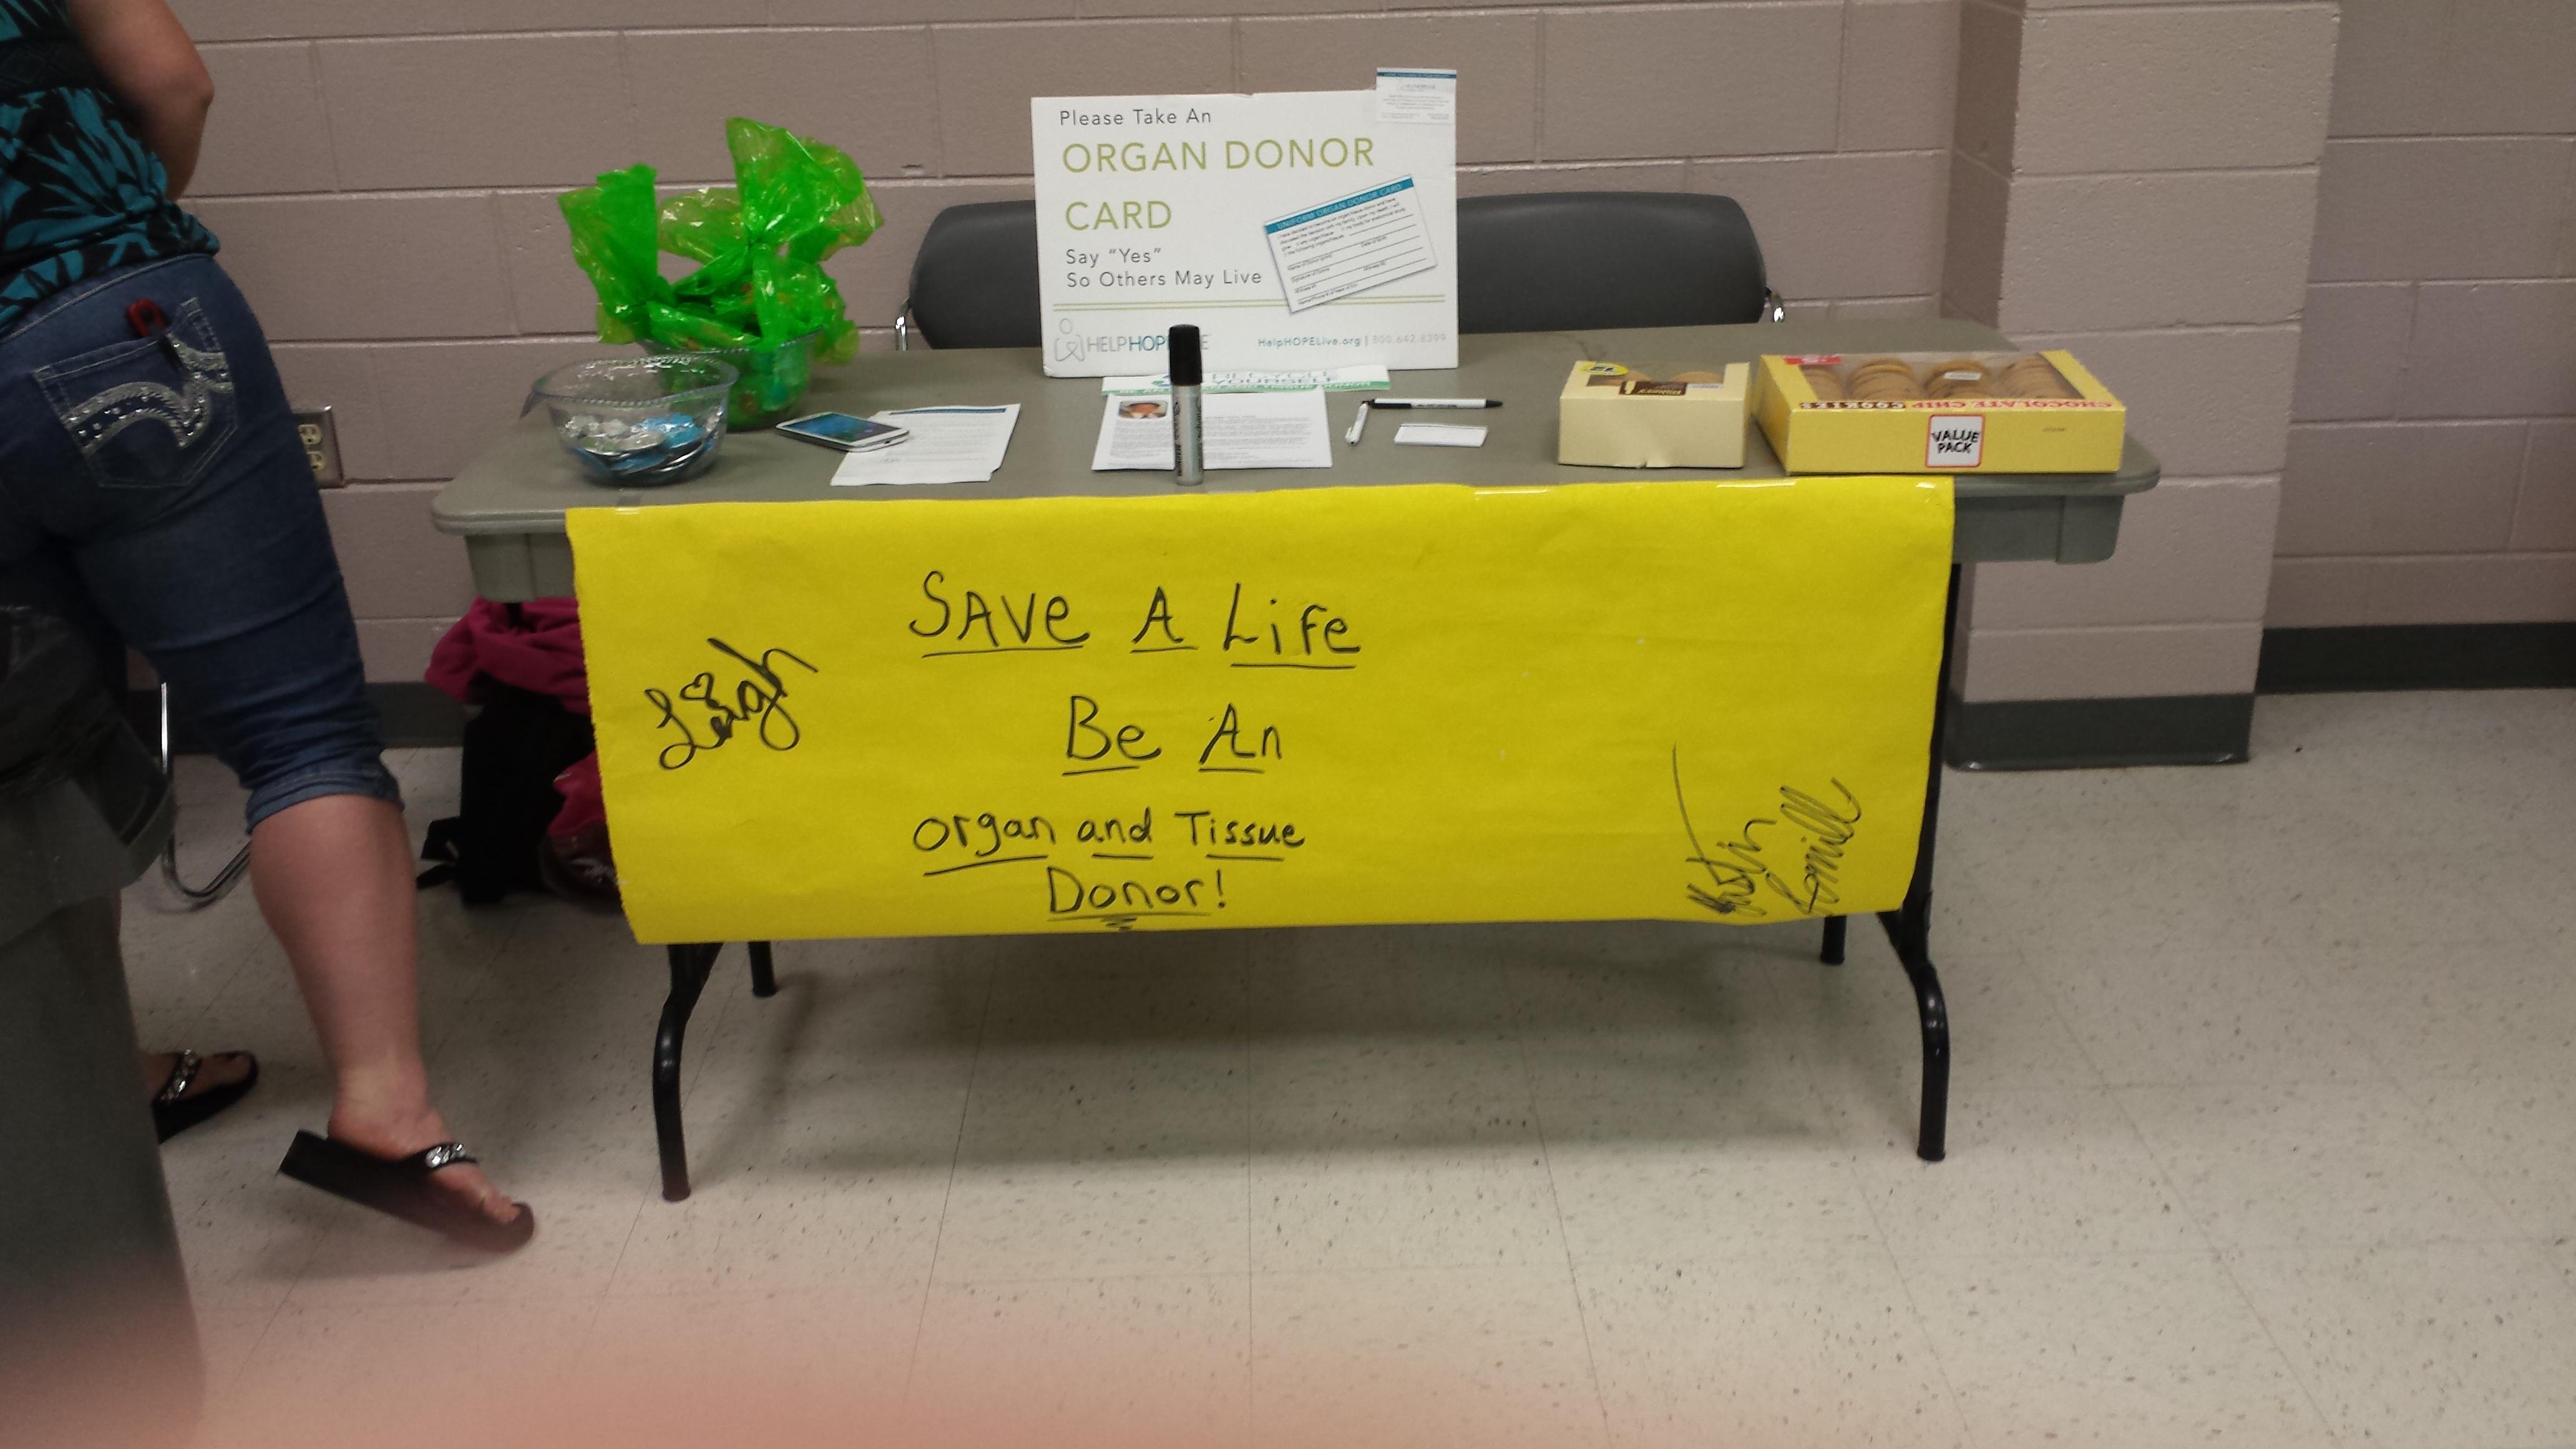 Fundraiser/Organ Donor Awareness